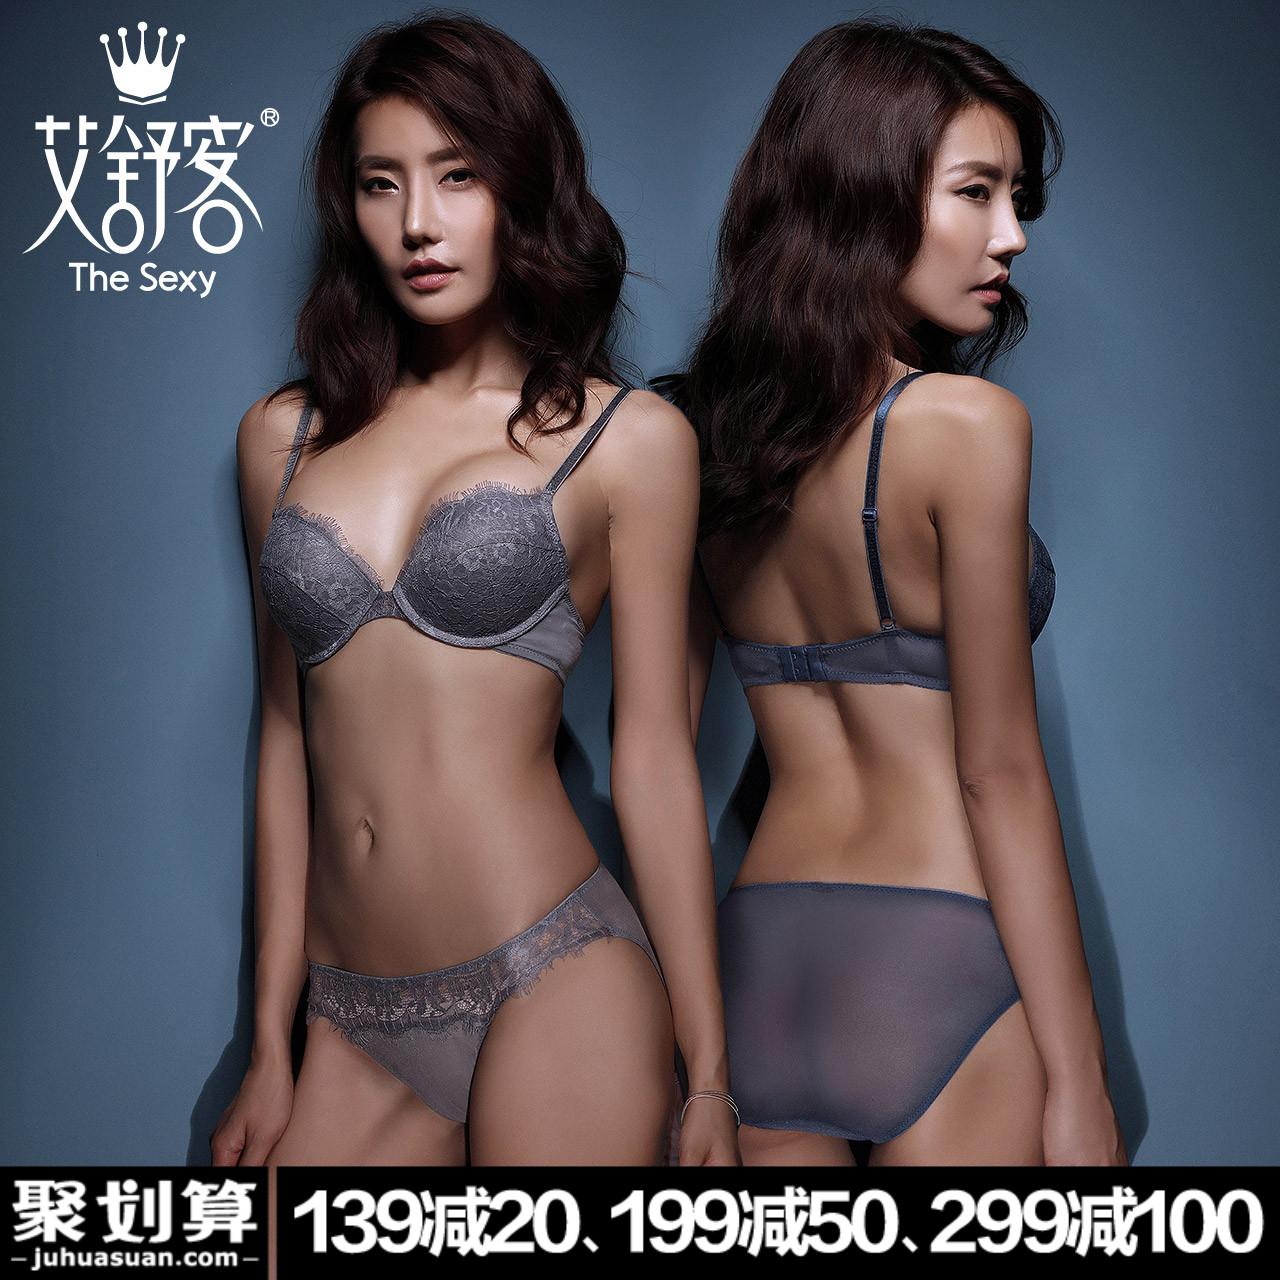 文胸蕾丝聚拢 性感小胸深V型文胸套装少女内衣小杯型厚杯胸罩bra